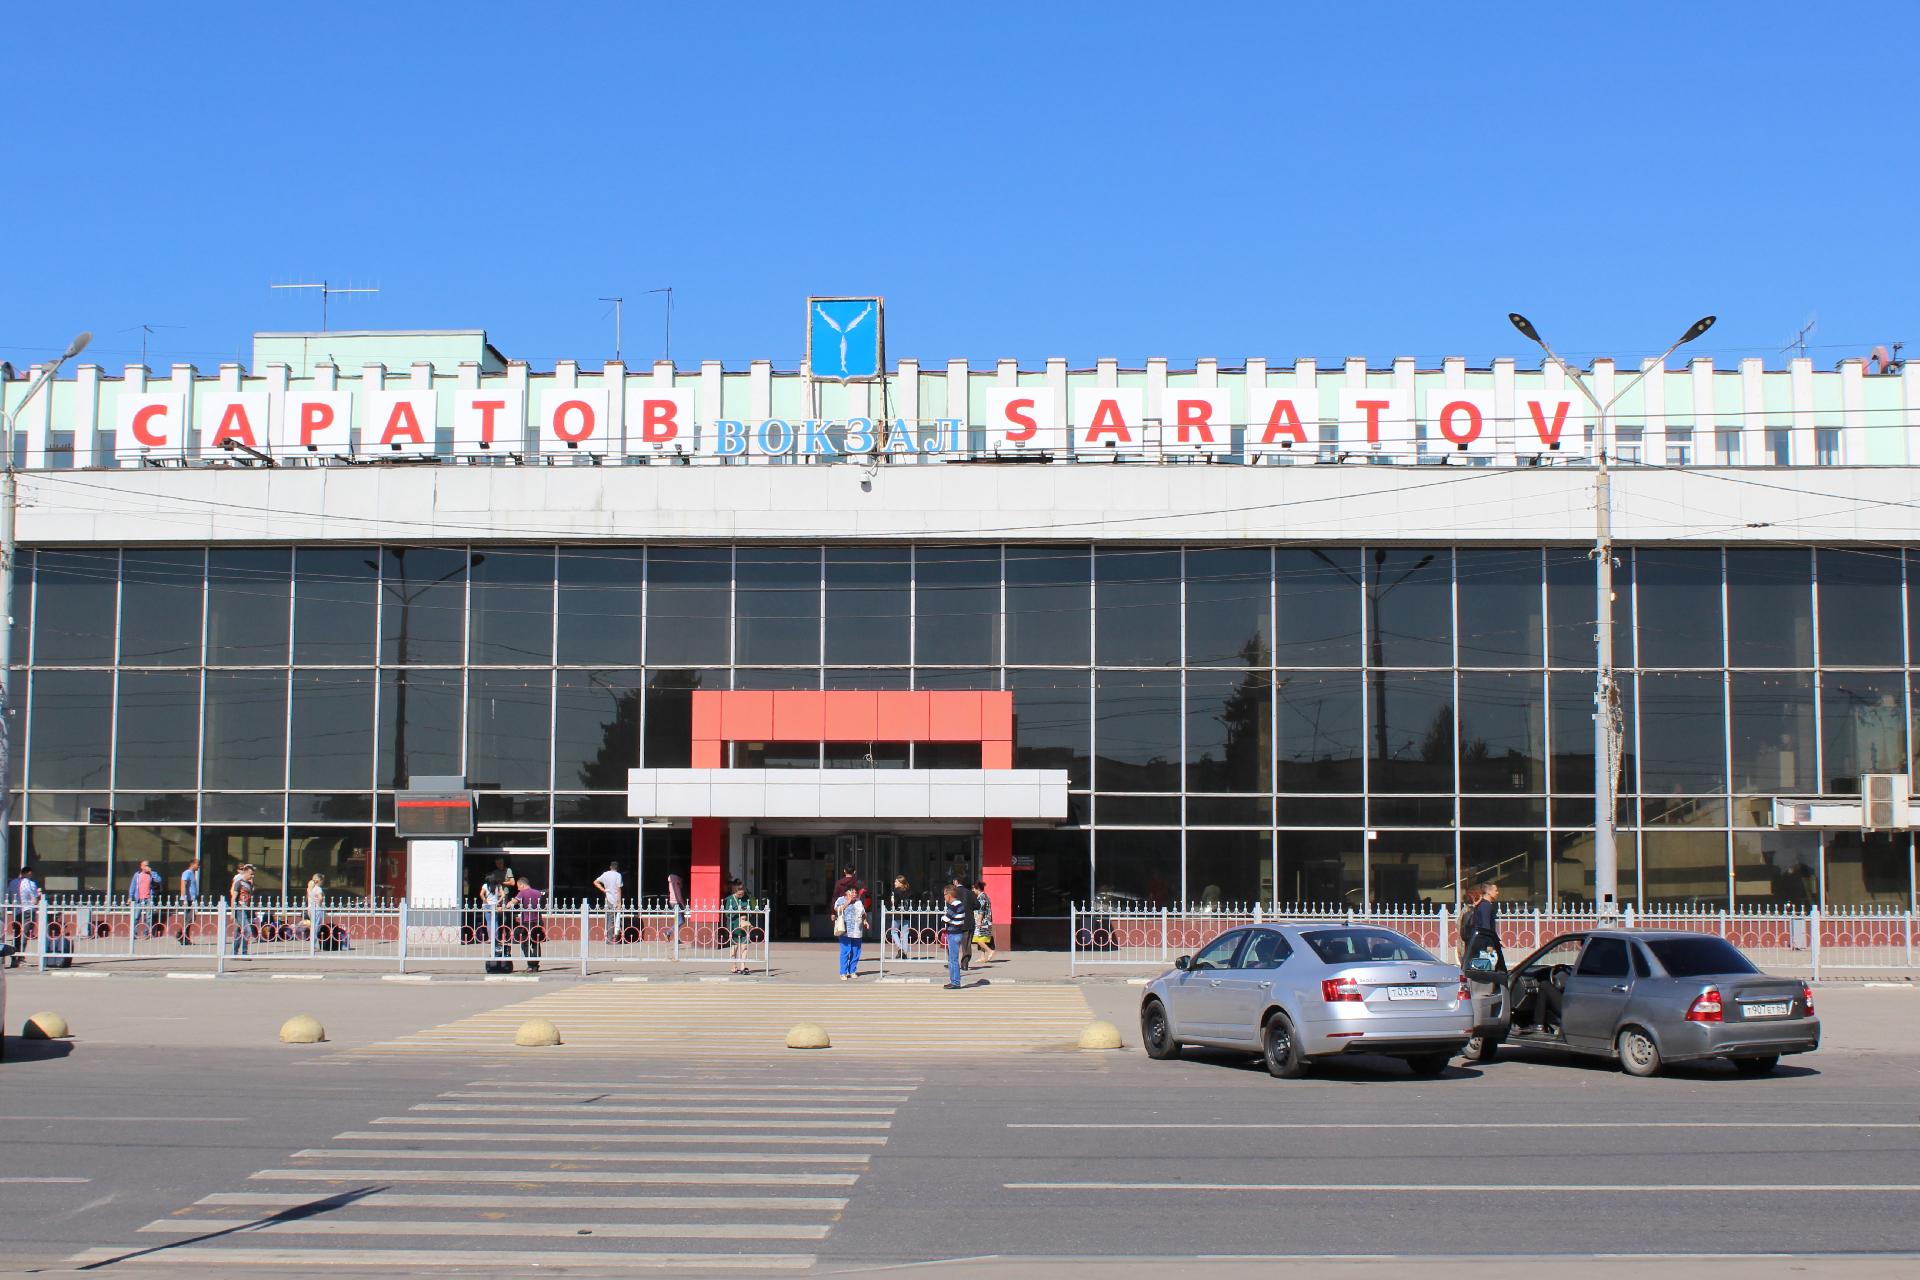 В Саратове за грабеж задержали находившегося в бегах жителя Крыма